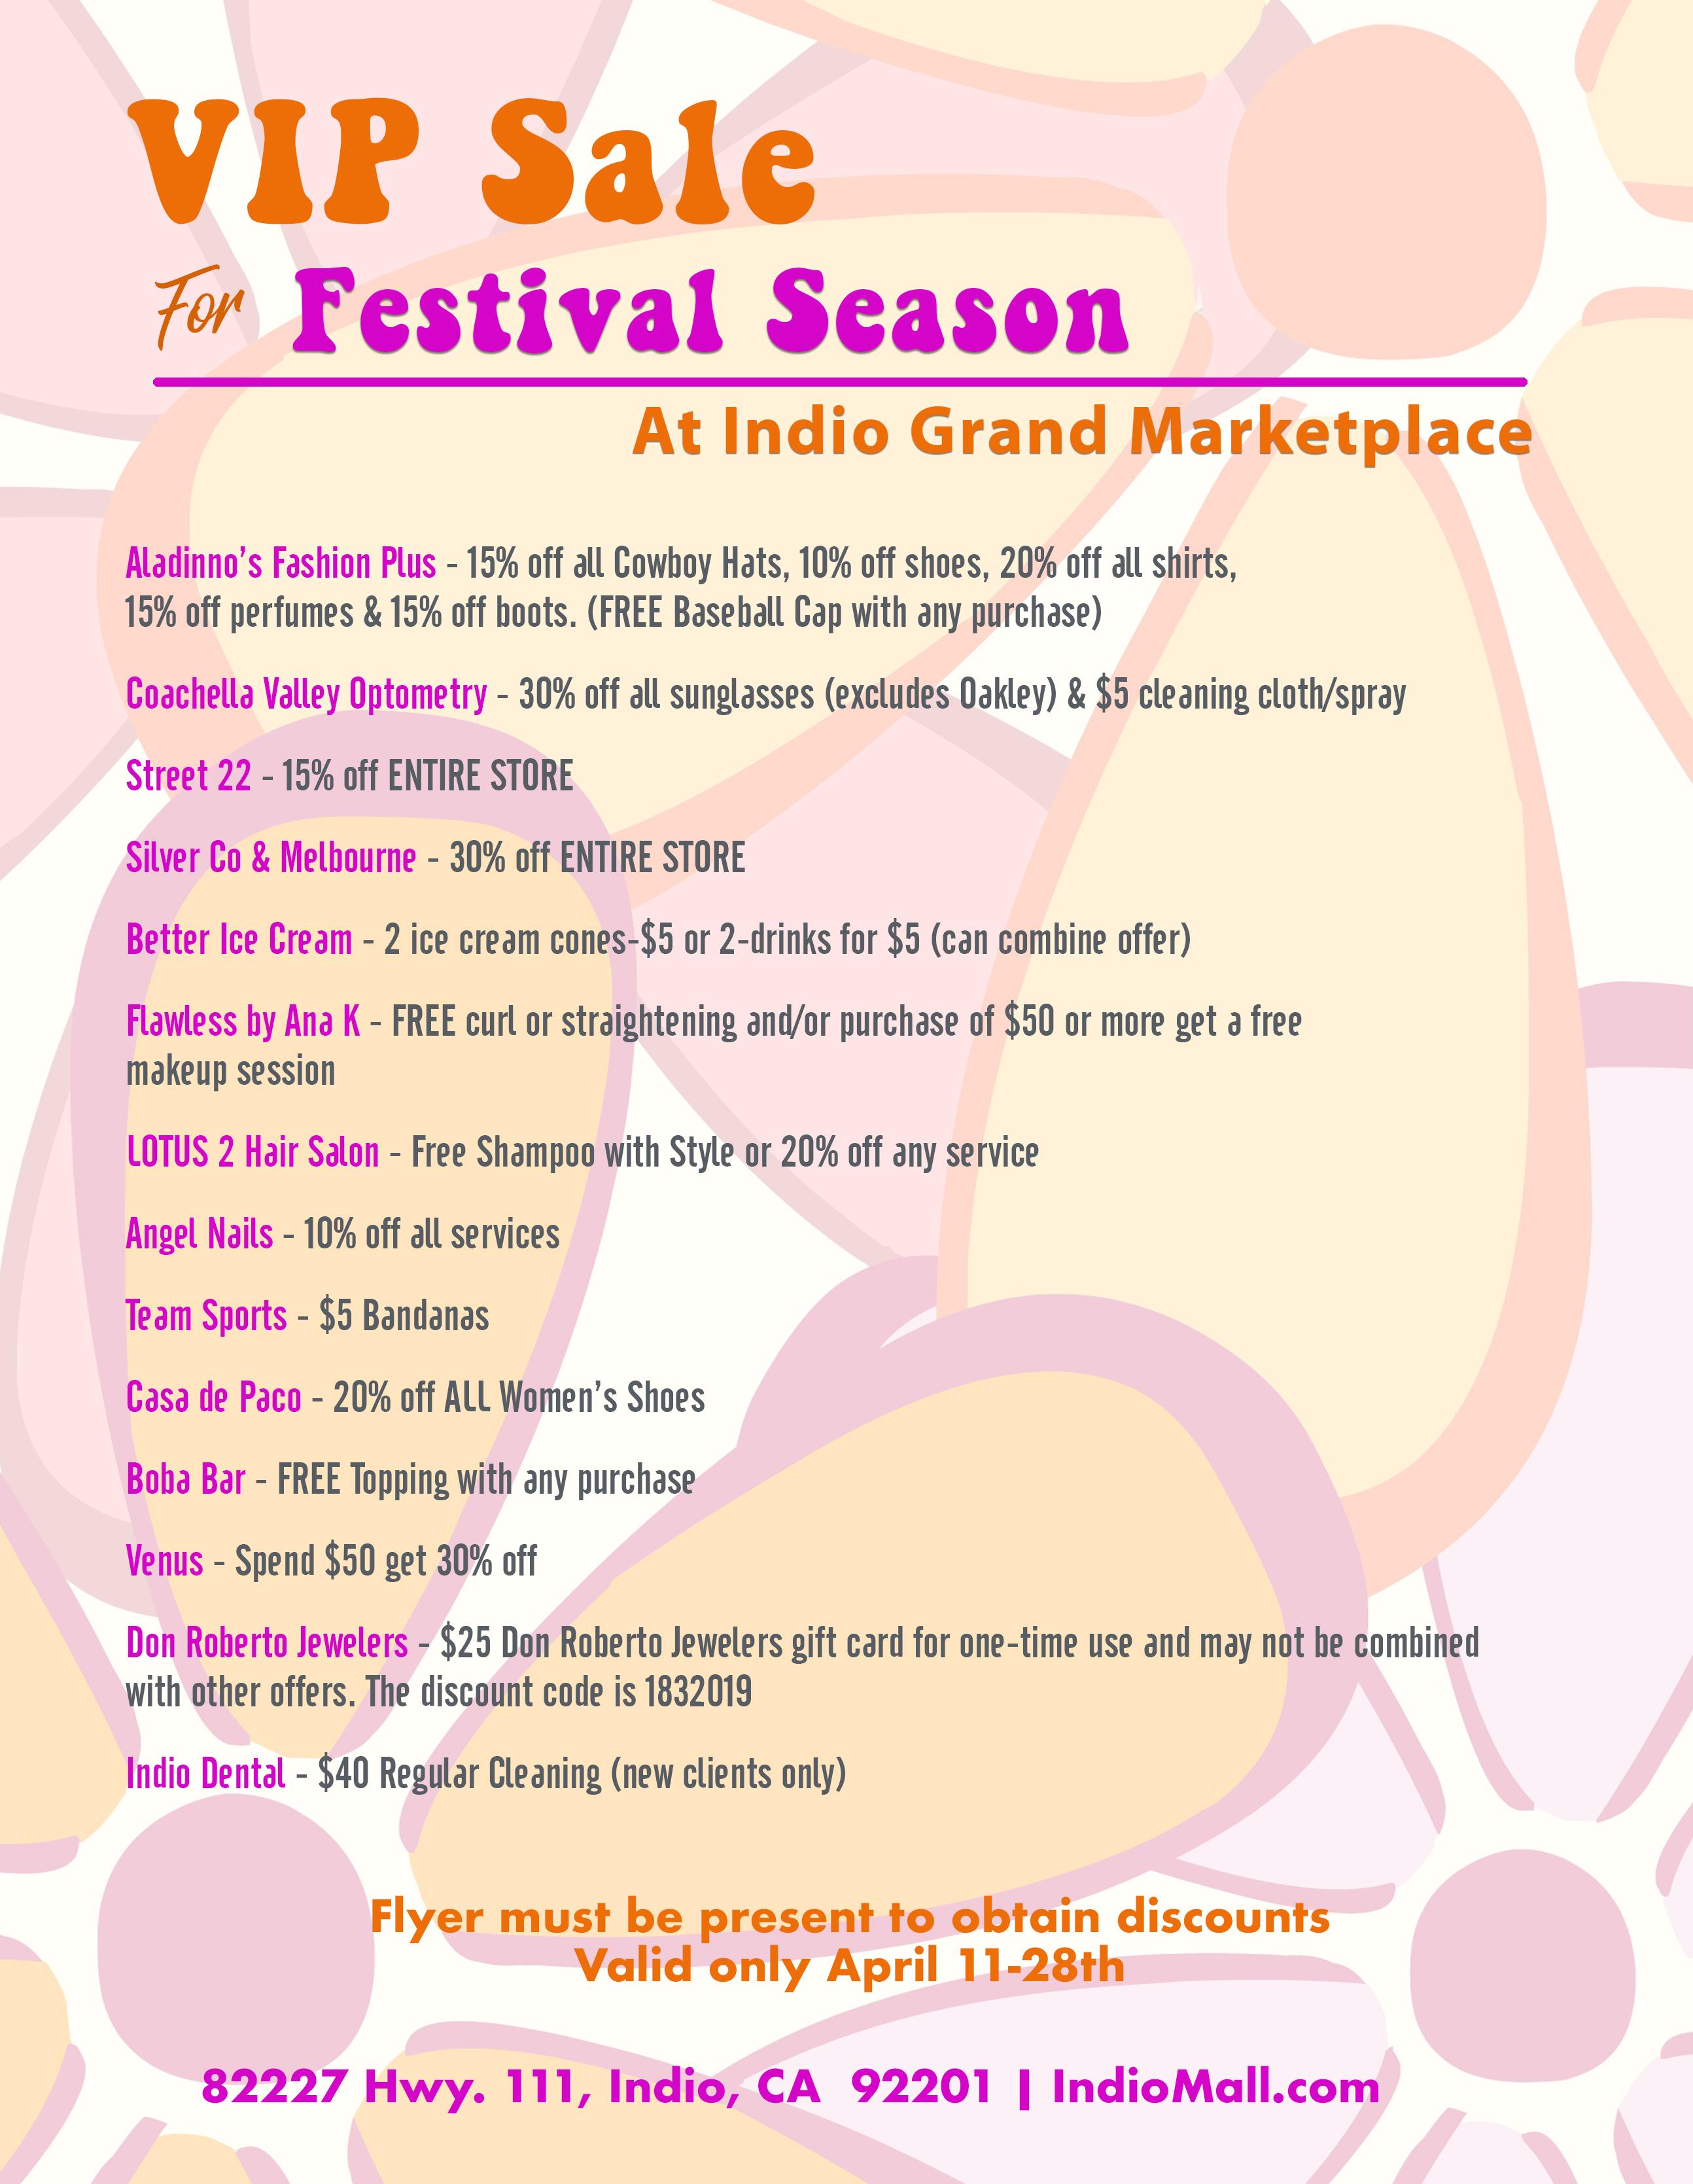 VIP Sale for Festival Season at IGM   Indio Grand Marketplace